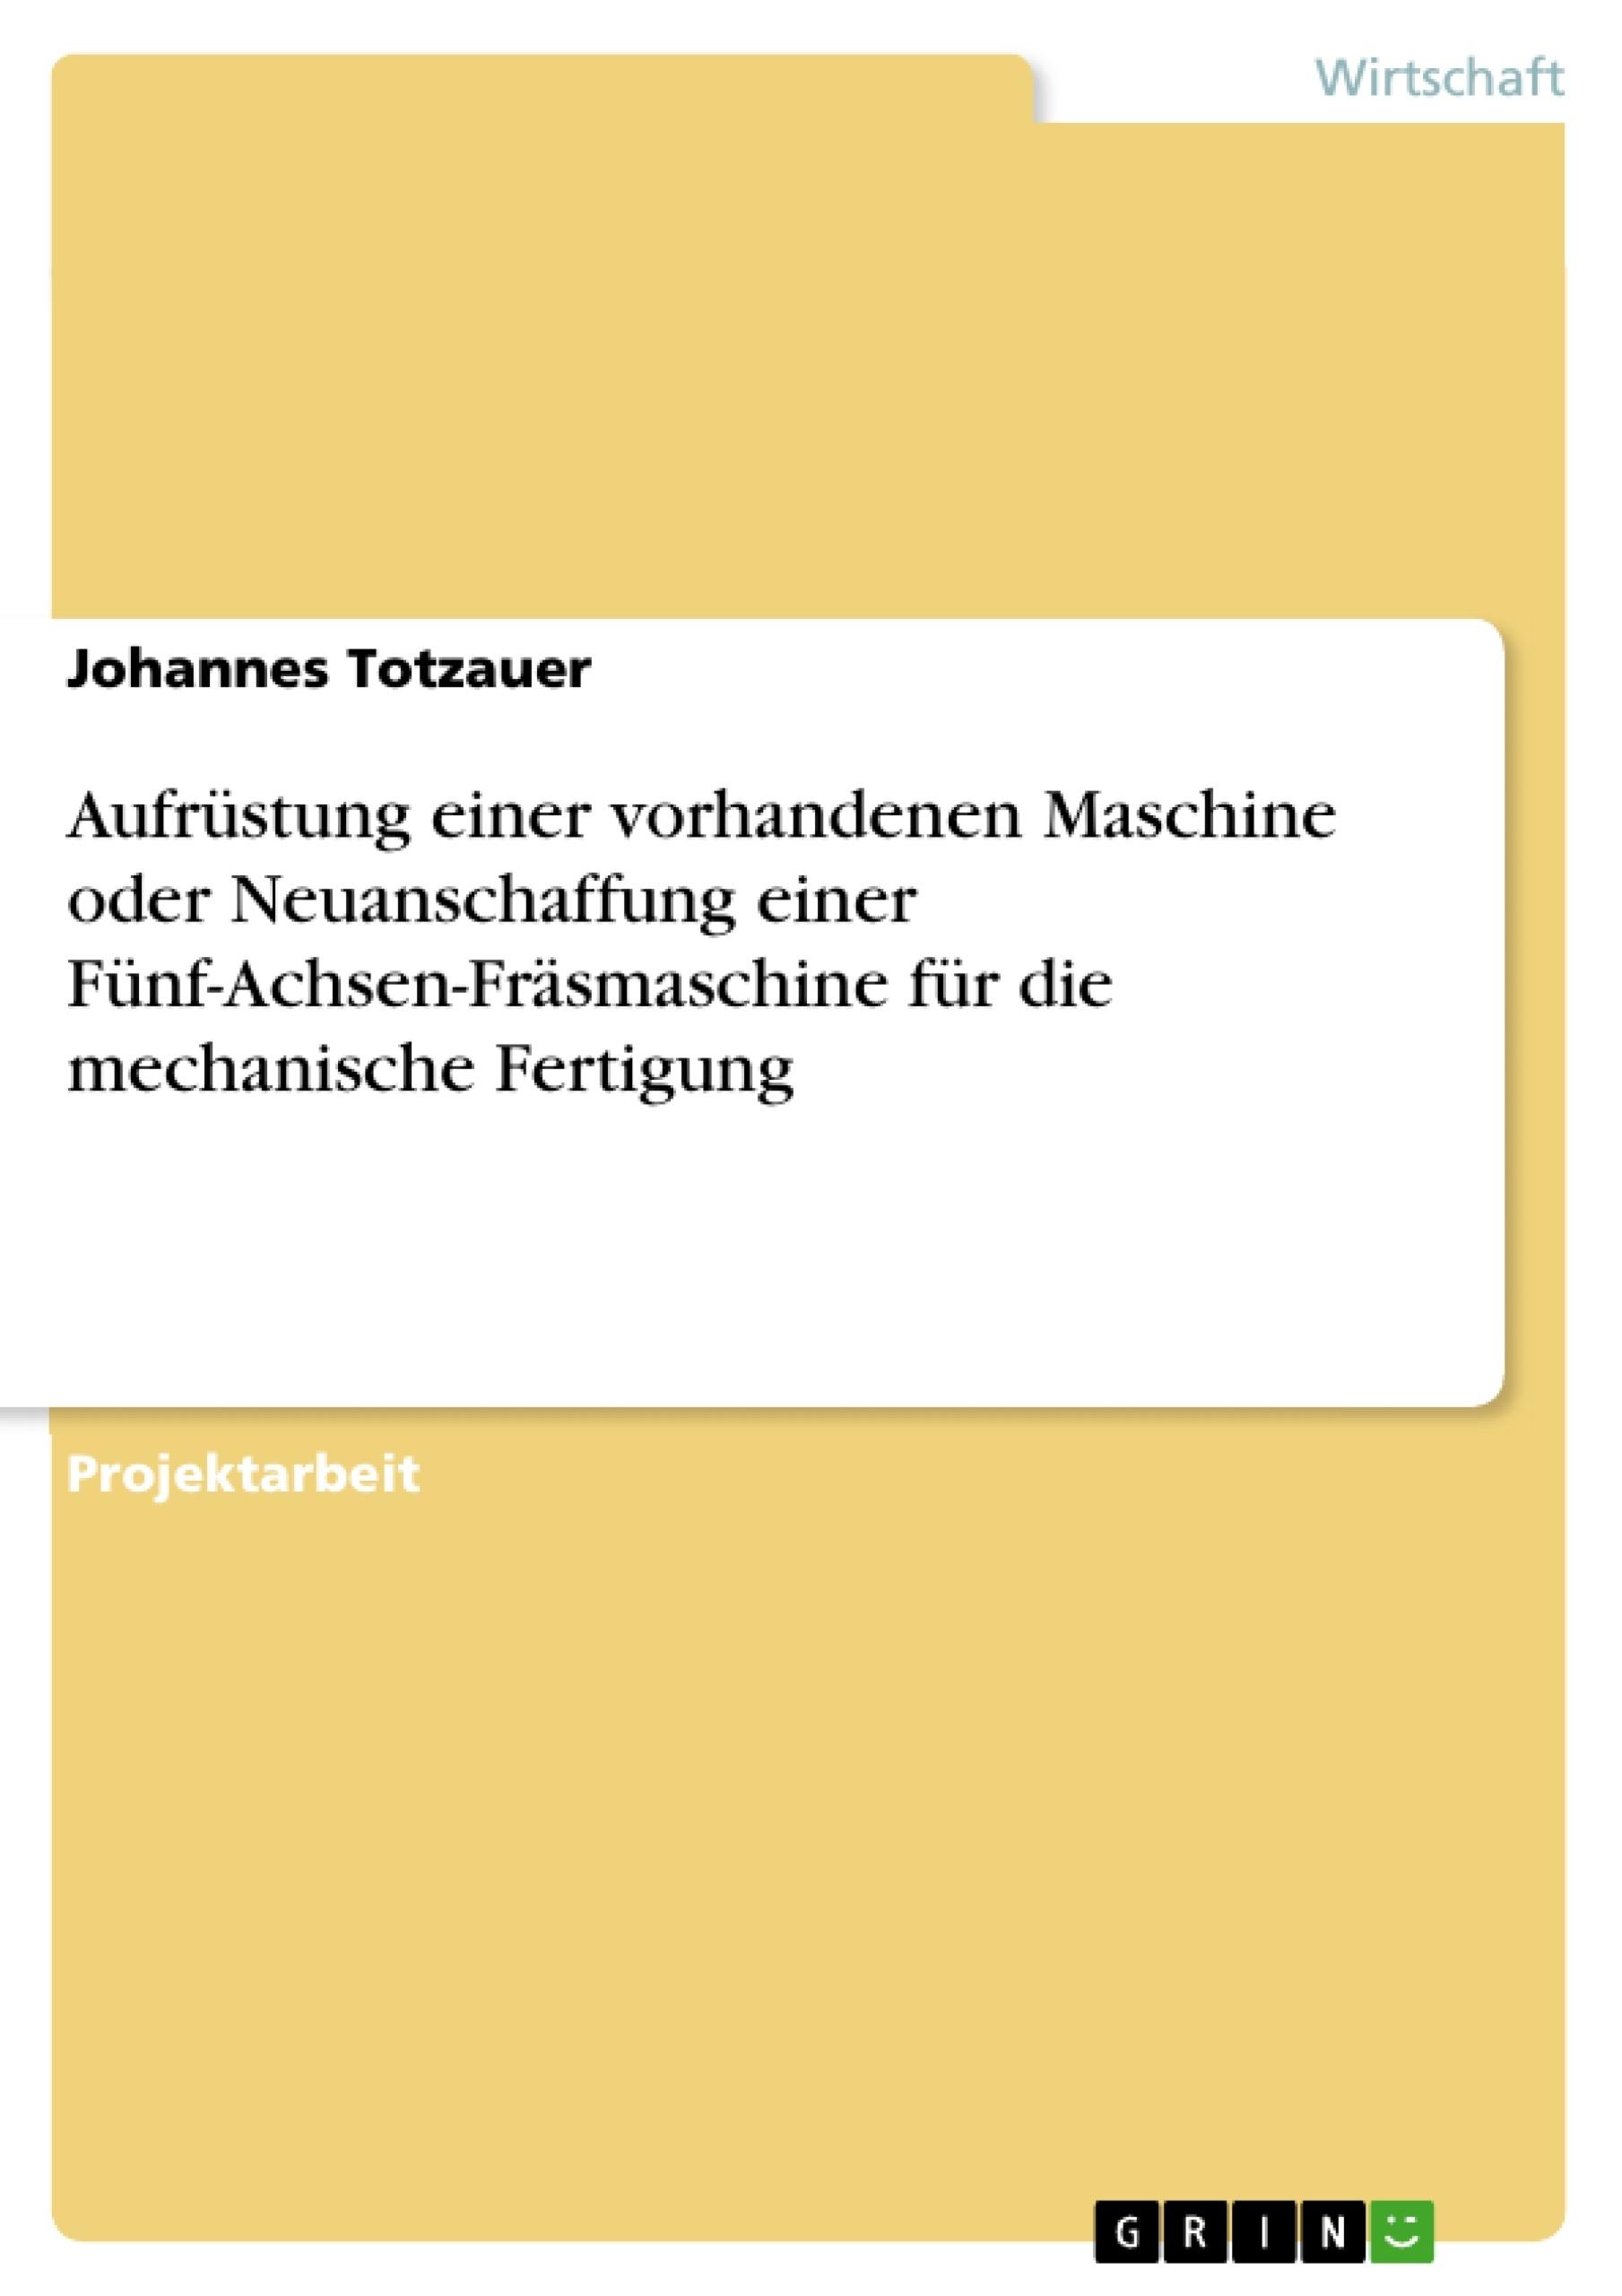 Titel: Aufrüstung einer vorhandenen Maschine oder Neuanschaffung einer Fünf-Achsen-Fräsmaschine für die mechanische Fertigung